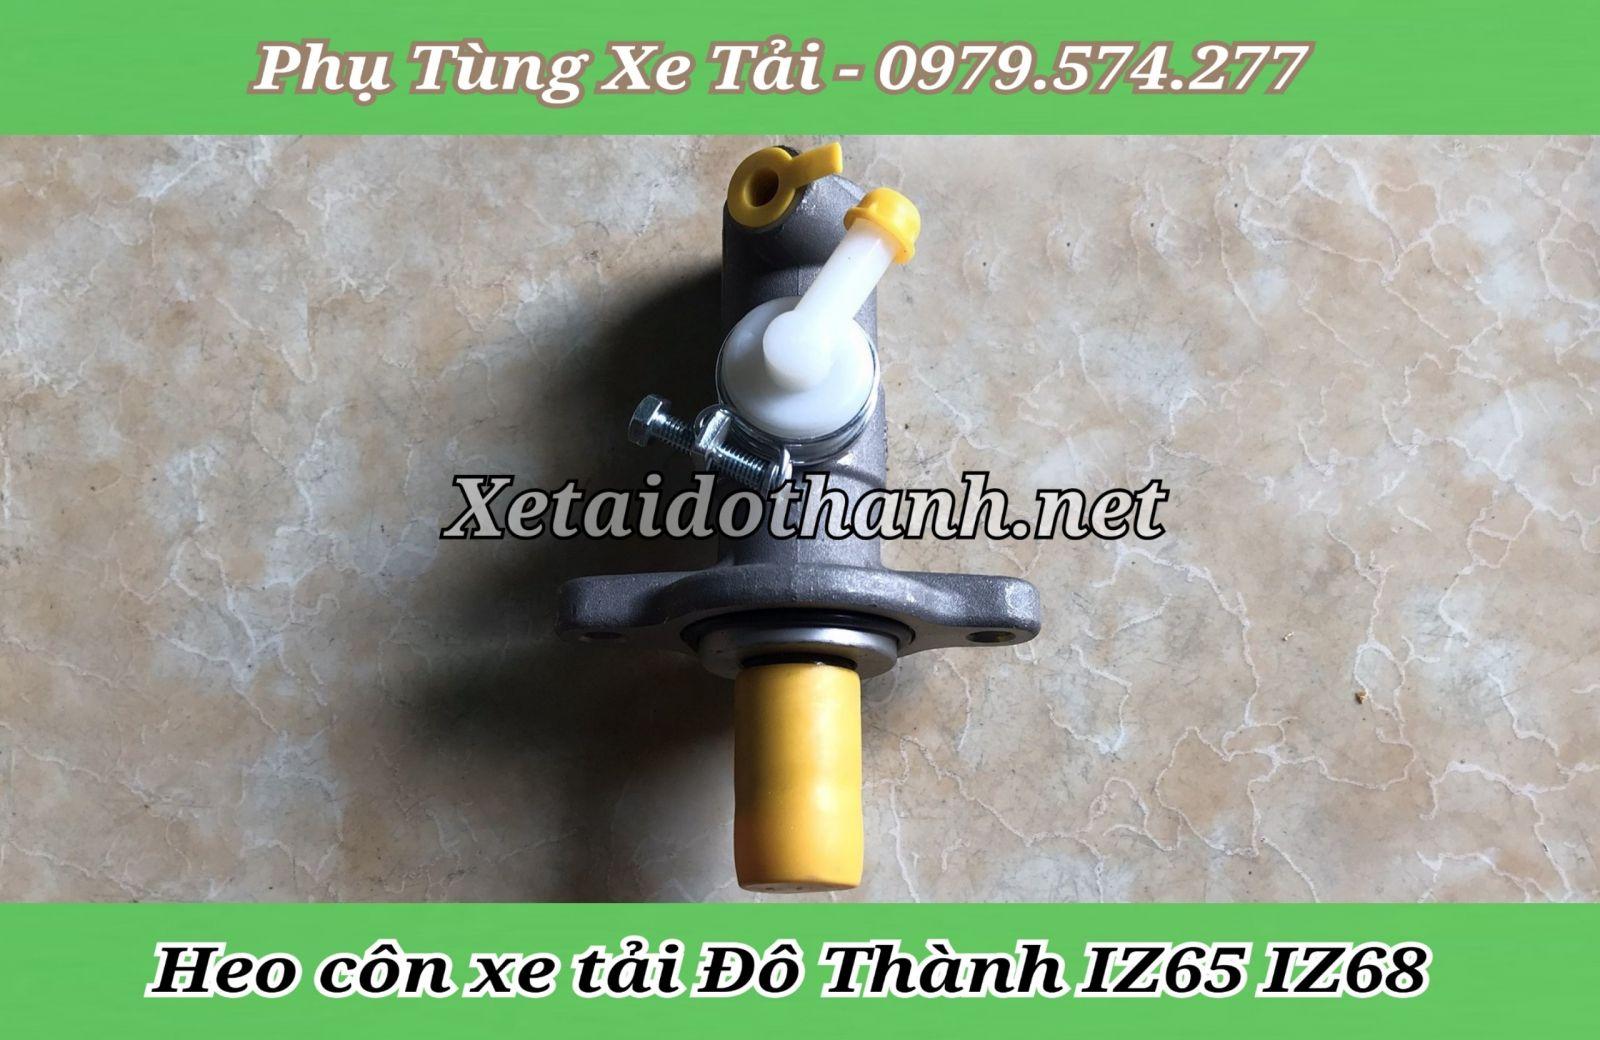 TONG CON XE TAI DO THANH IZ68